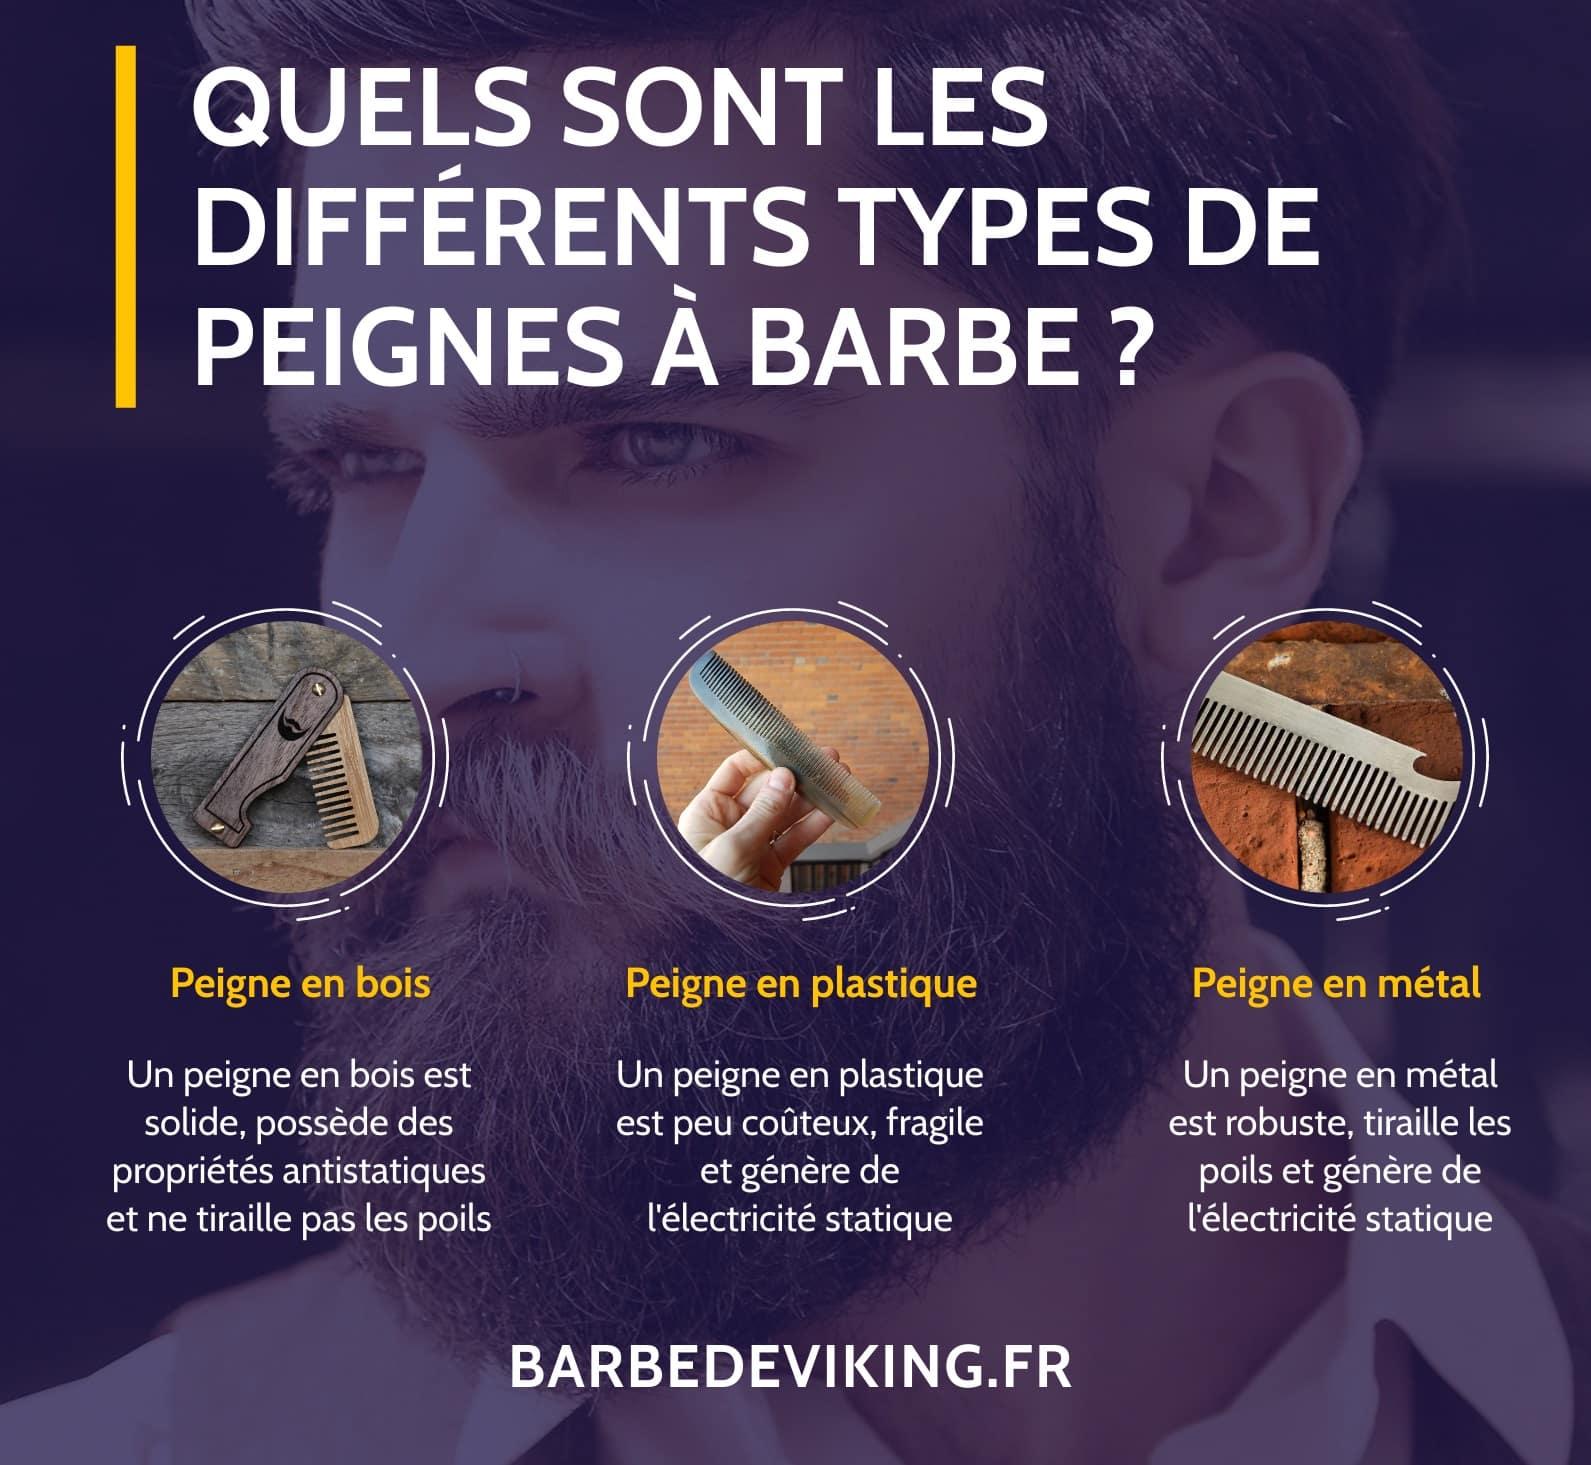 Quels sont les différents types de peignes à barbe - infographie